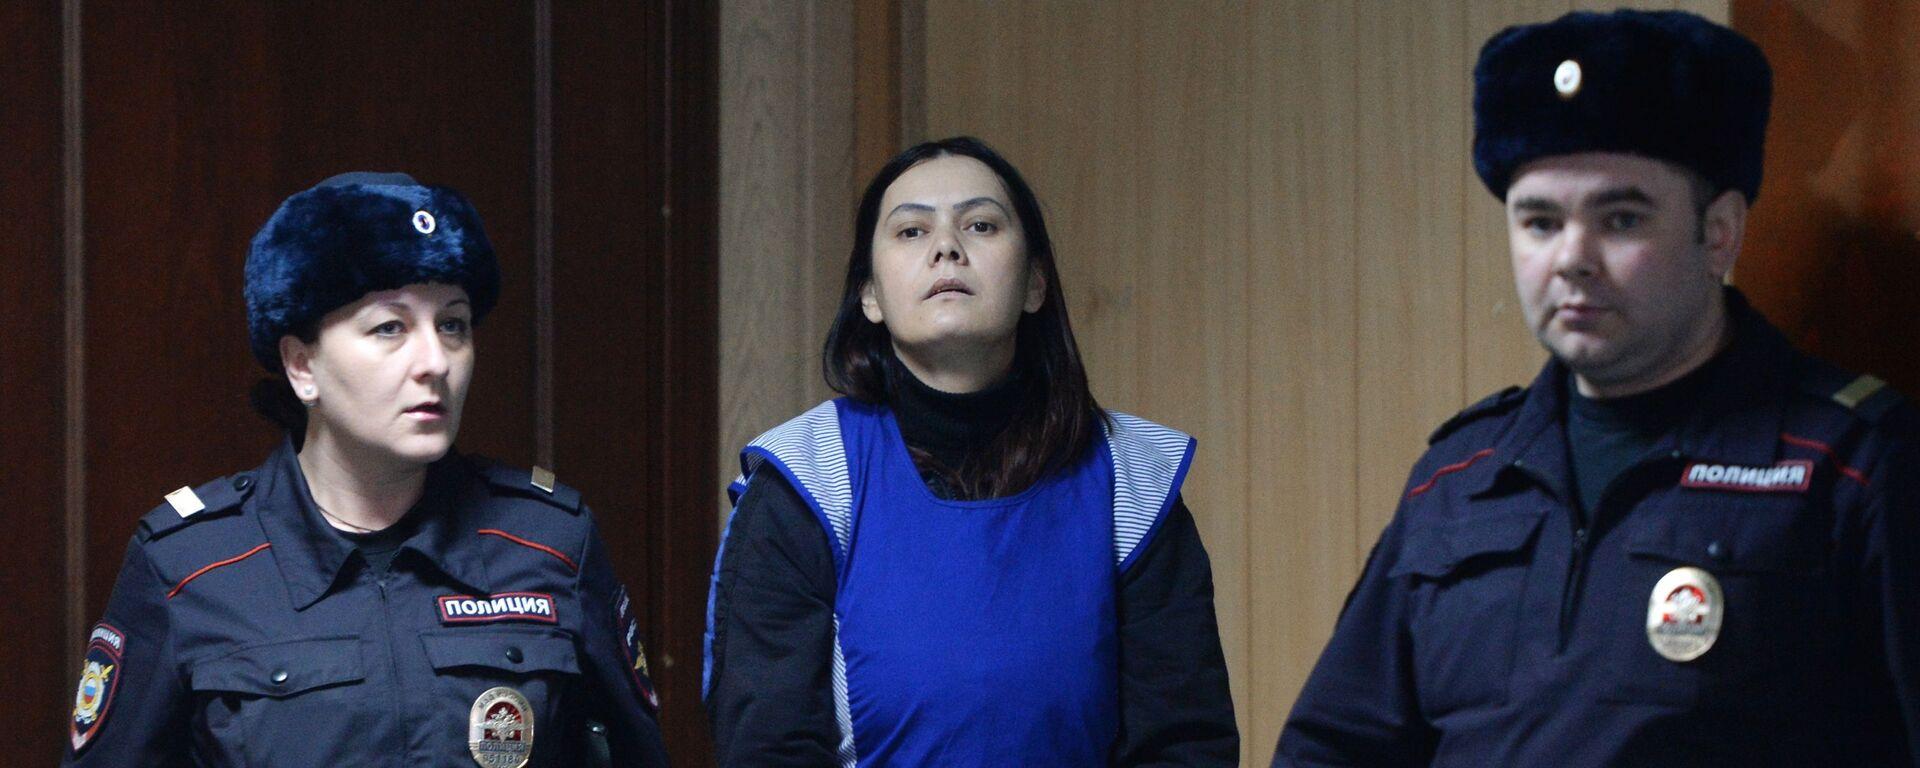 Няня Гюльчехра Бобокулова (в центре), обвиняемая в убийстве 4-летней девочки Насти Мещеряковой - Sputnik Таджикистан, 1920, 23.03.2021